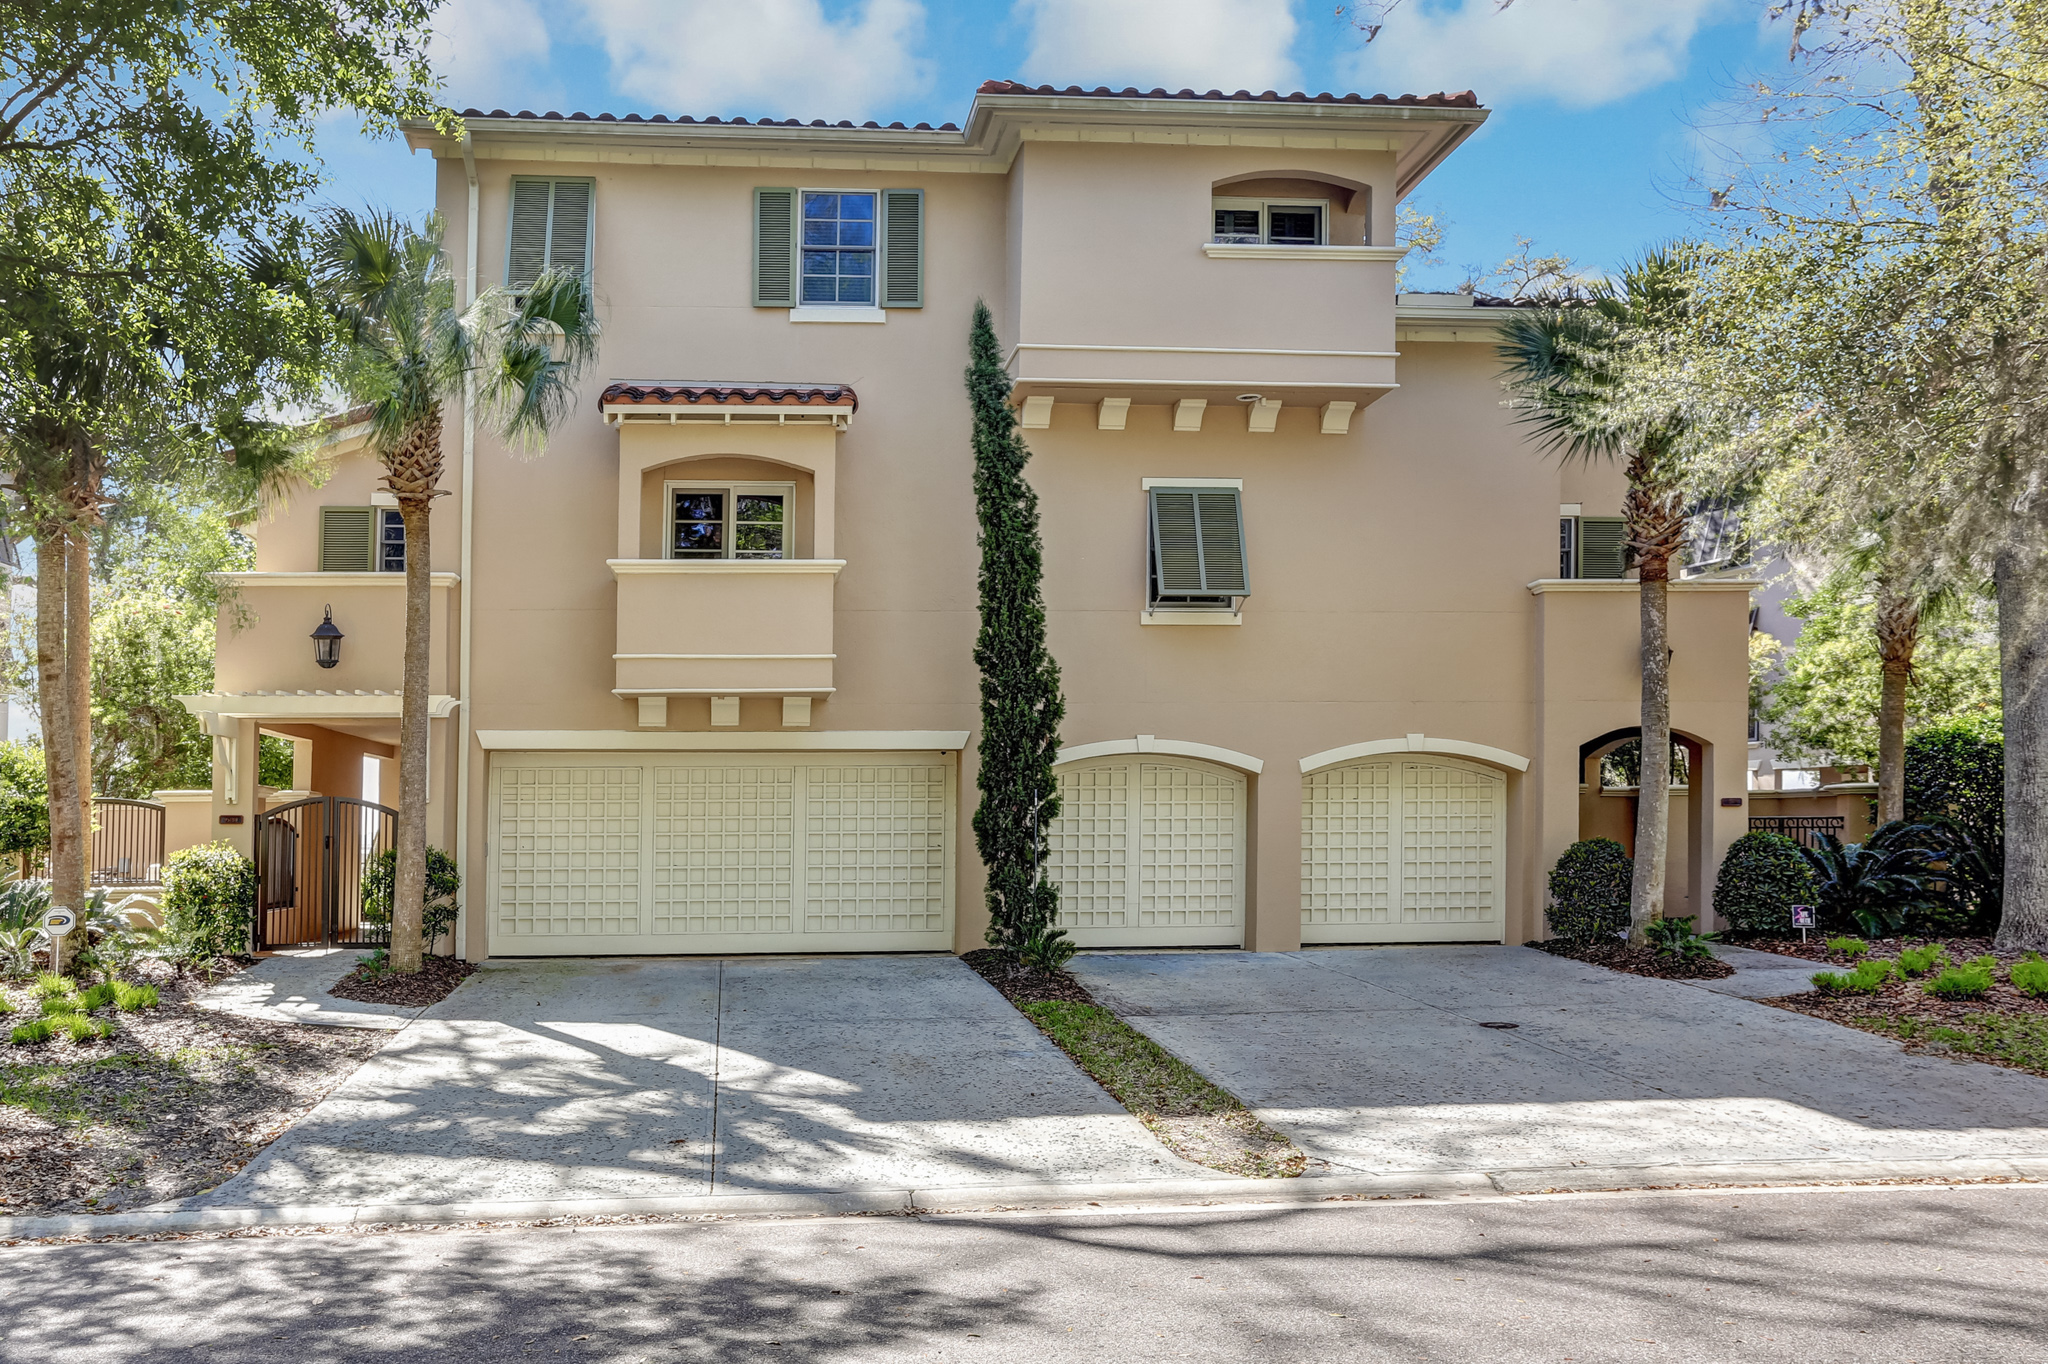 Maison unifamiliale pour l Vente à Marsh & River View Town Home 95180 Spring Tide Lane Fernandina Beach, Florida, 32034 États-Unis